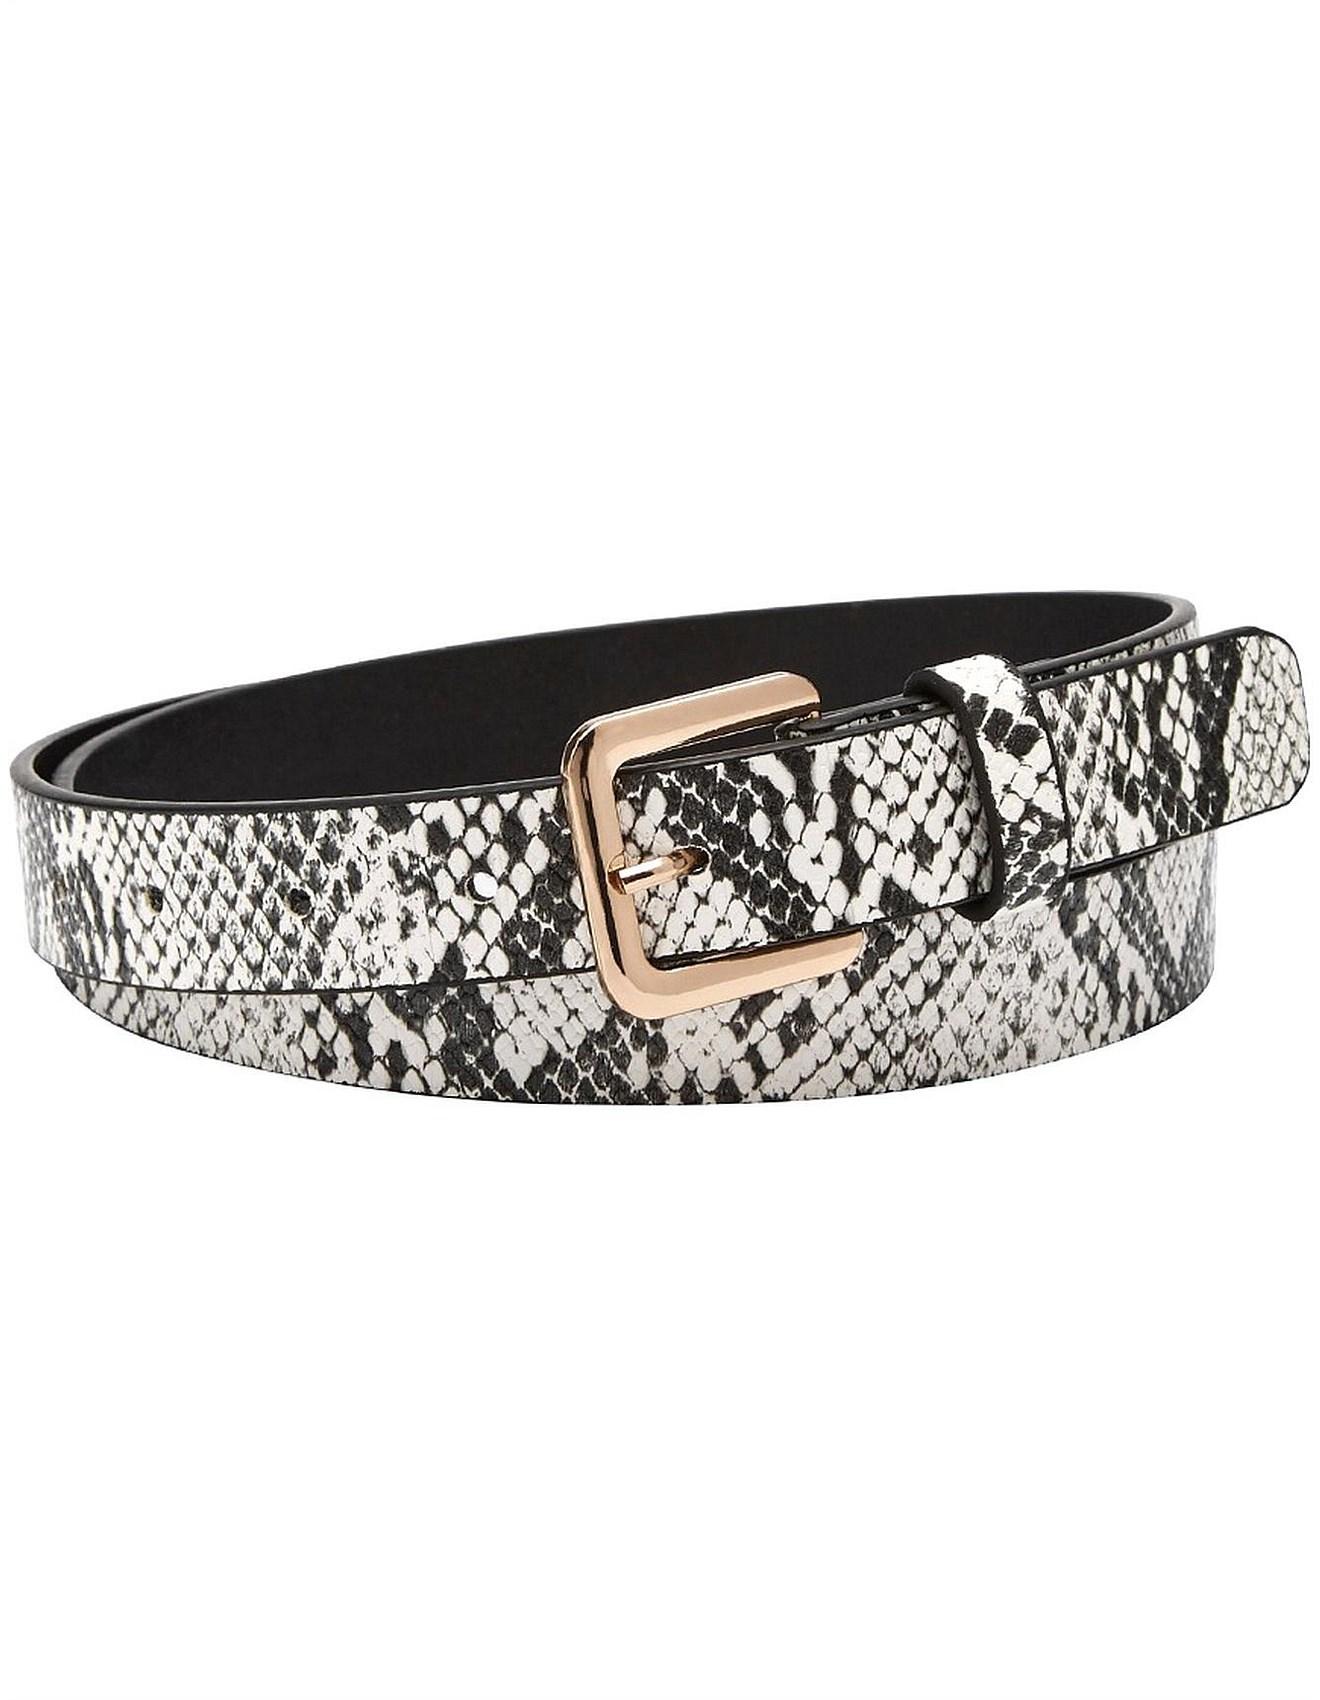 29654fe09 Women's Accessories   Jewellery, Sunglasses, Watches   David Jones ...